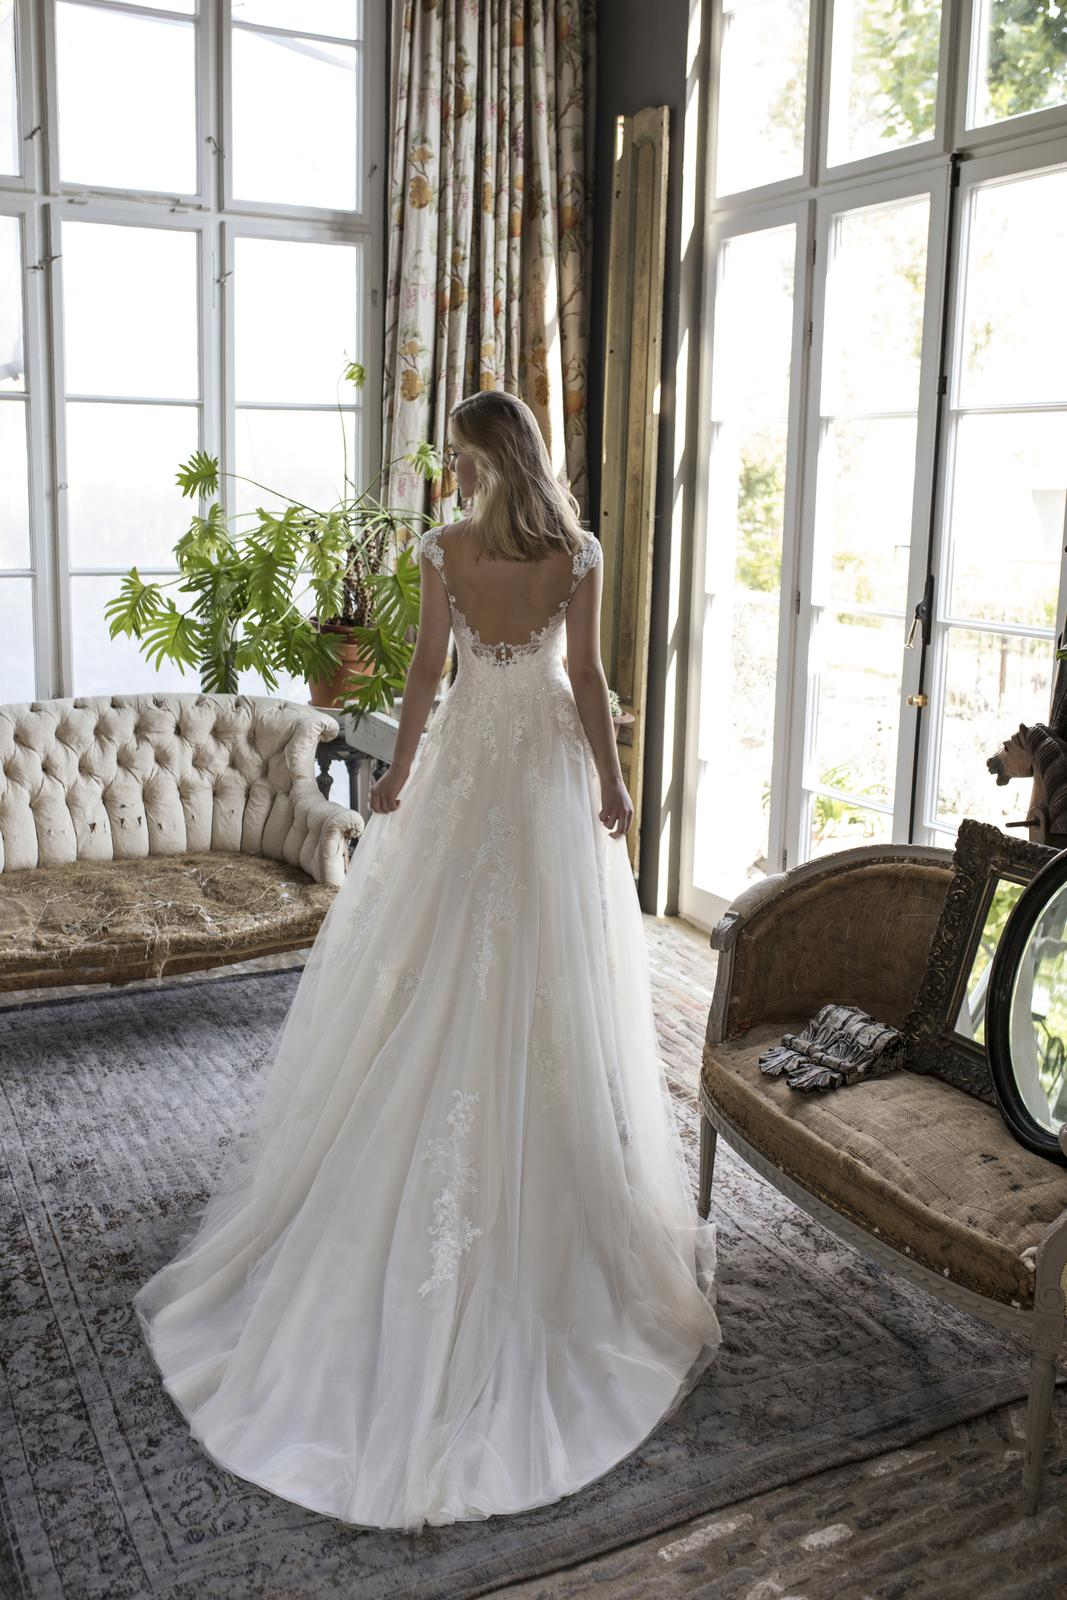 Romantická, elegantní, rebelka anebo bohémka? Jaký typ nevěsty jste vy? - Obrázek č. 16